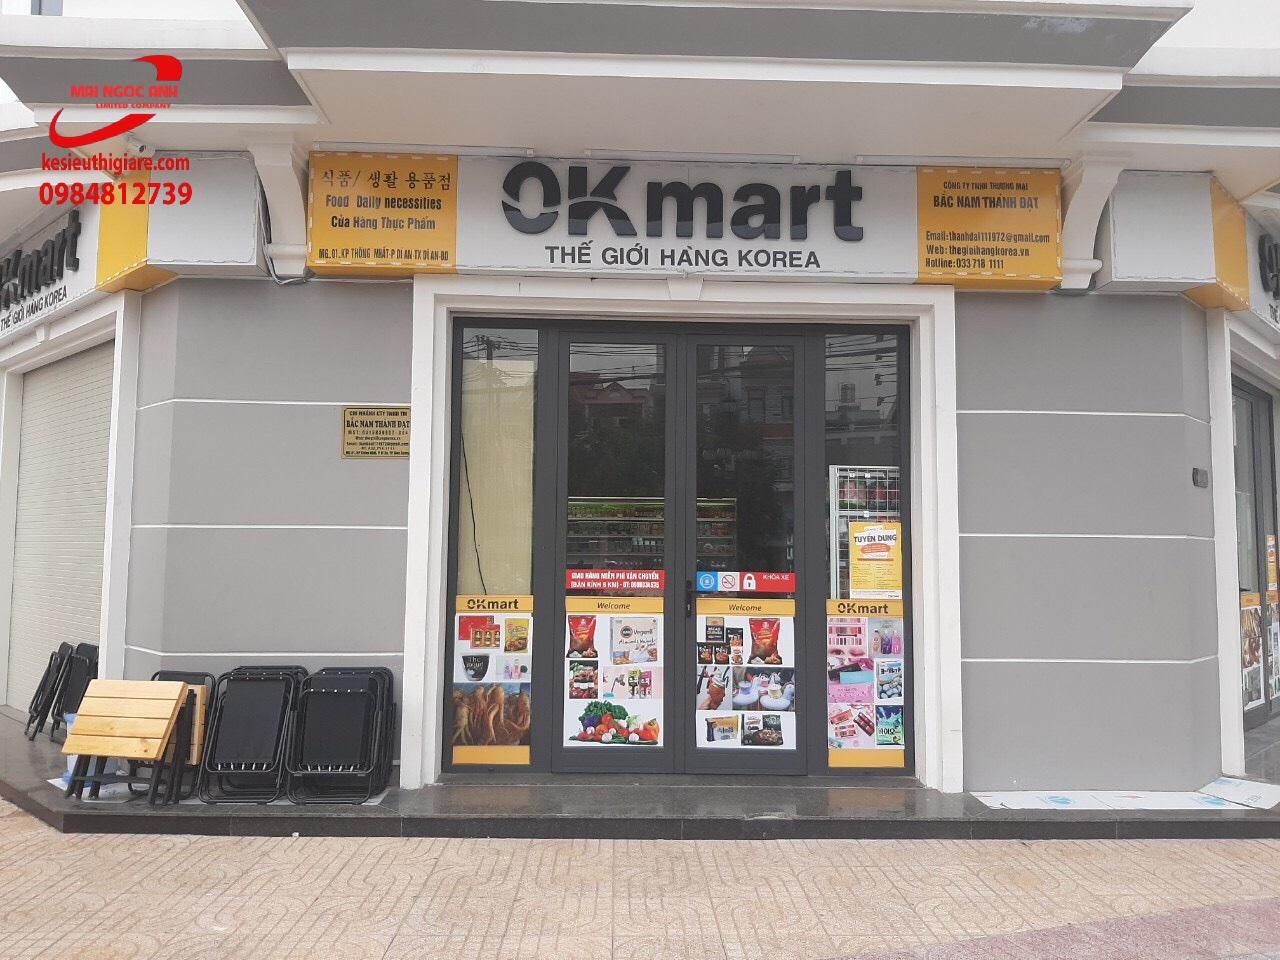 kệ siêu thị Mai Ngọc Anh lắp đặt cho cửa hàng ok mart